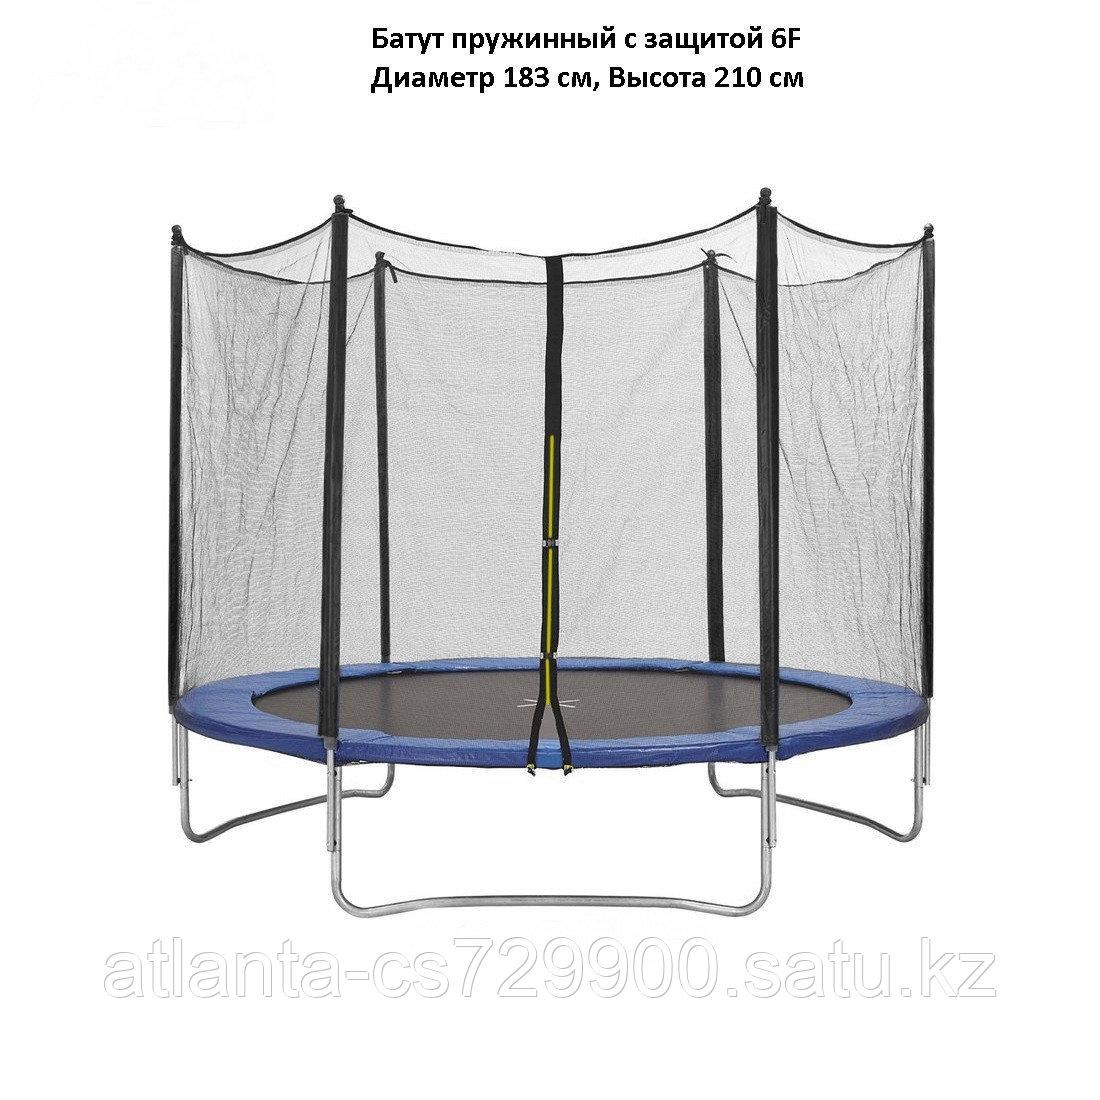 Батут 6 футов 1.83м с защитной сеткой и лестницей